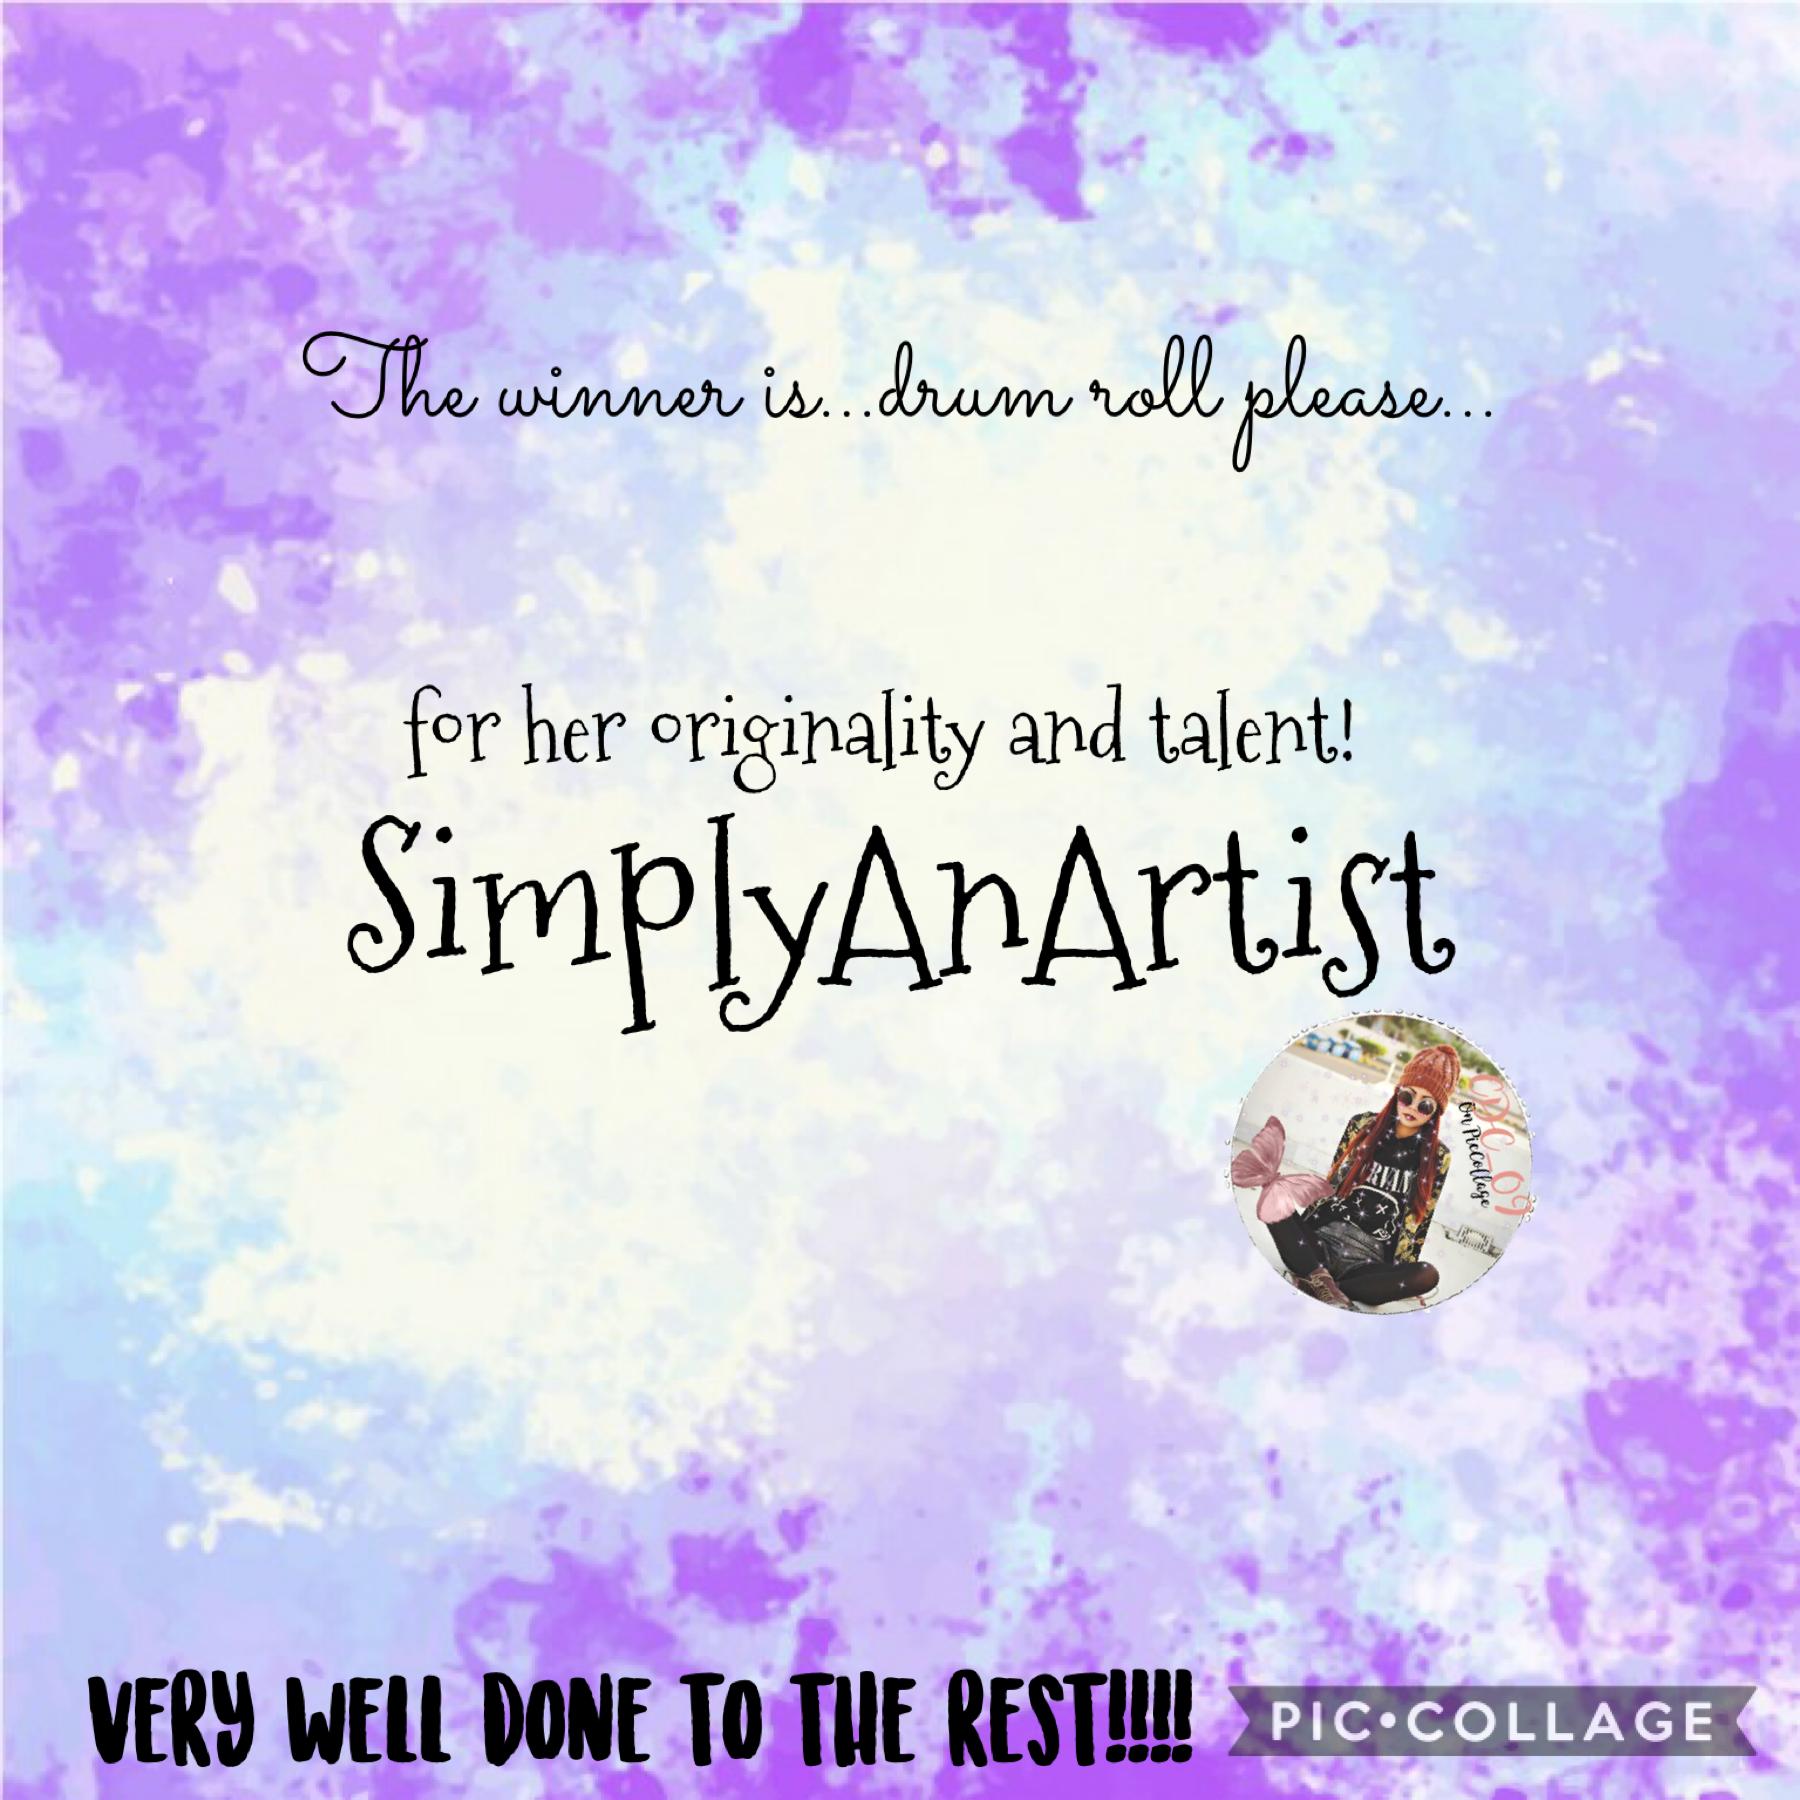 Congratulations SimplyAnArtist!